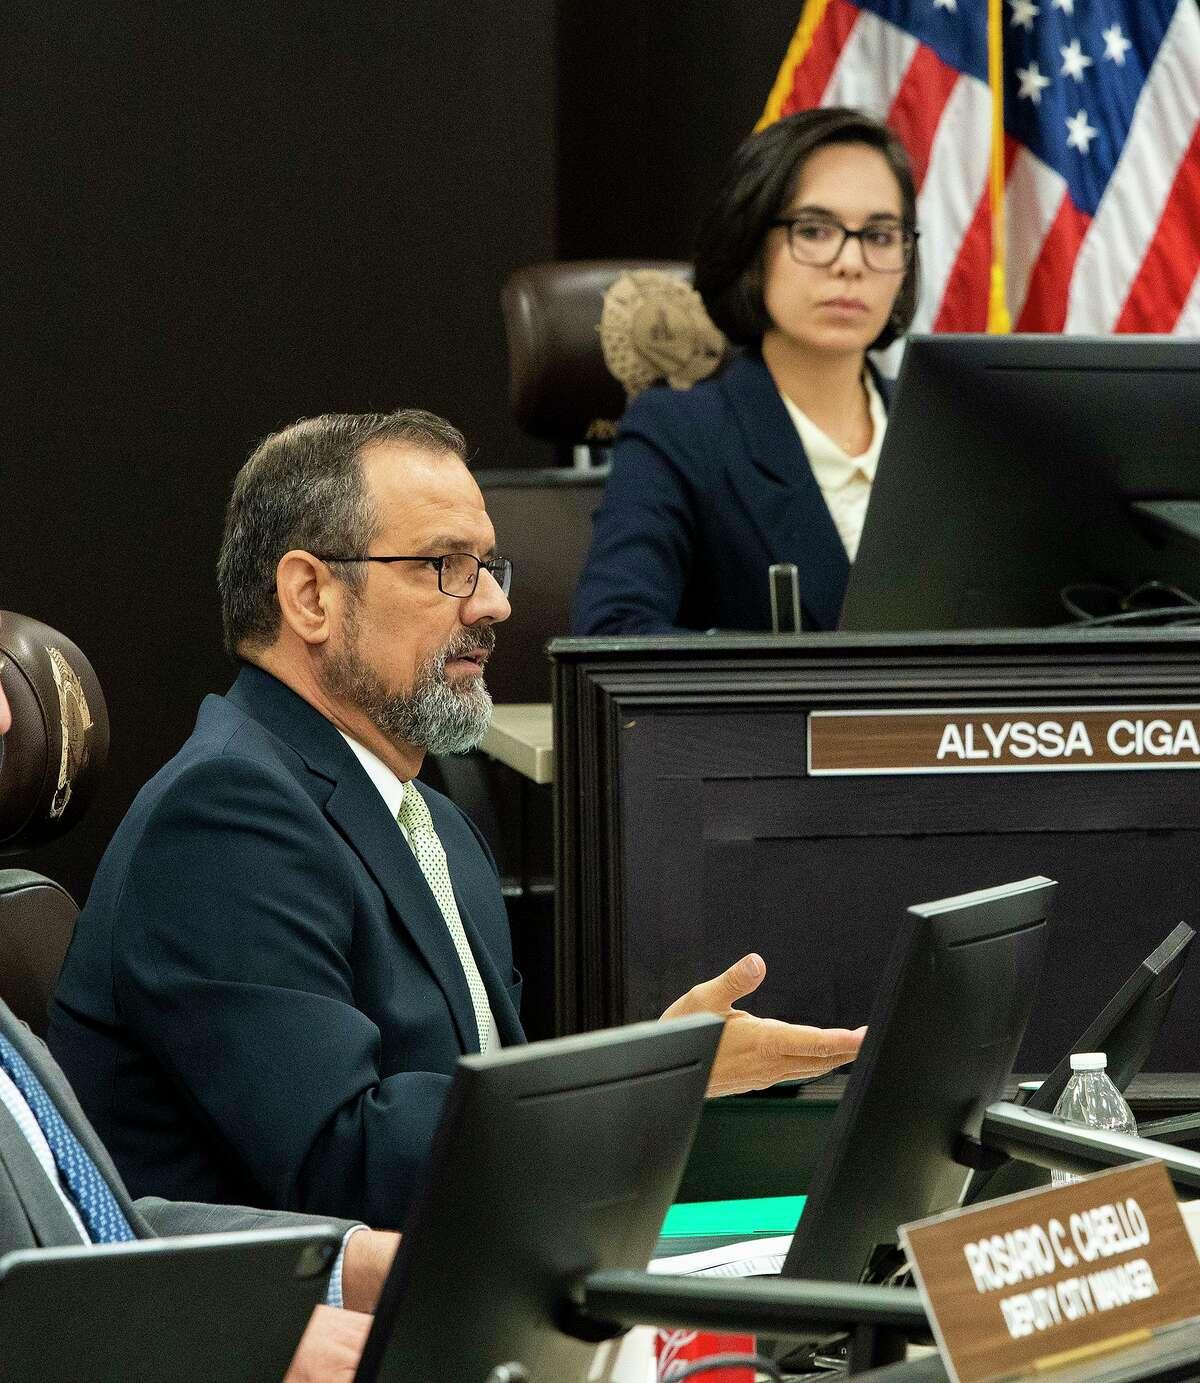 El administrador de la Ciudad de Laredo, Robert Eads, detalla las acciones que ha tomado desde que se emitió la alerta de hervir el agua, el lunes 12 de julio de 2021, durante una junta especial en el Ayuntamiento.